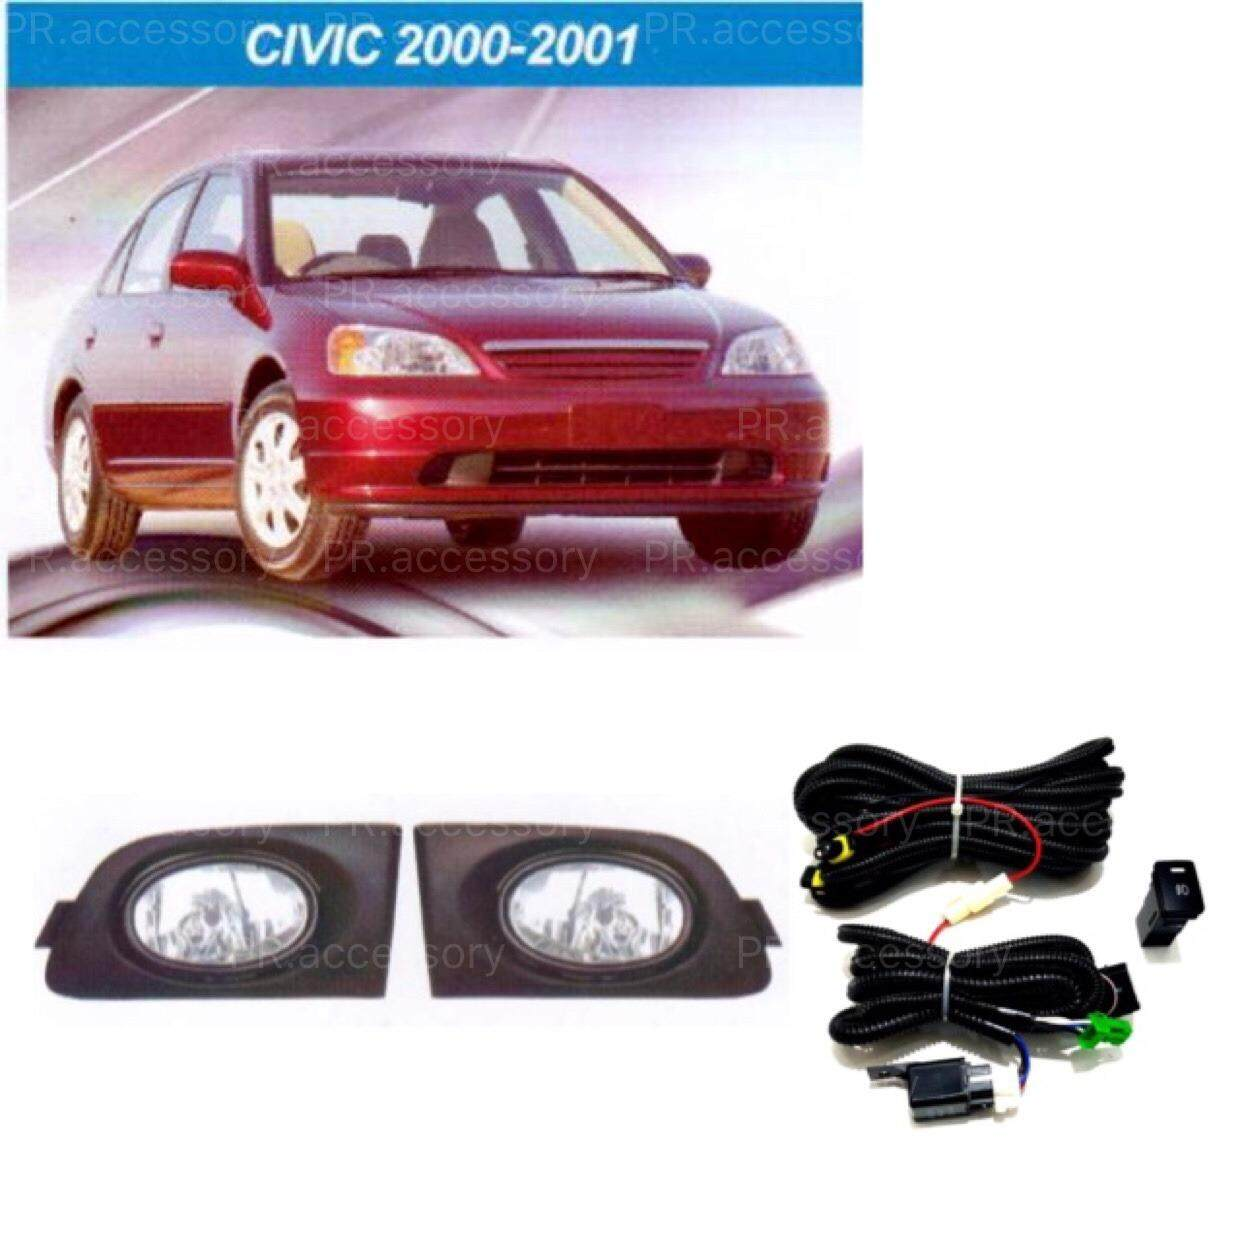 โปรโมชั่น ไฟตัดหมอก ไฟสปอร์ตไลท์ Honda Civic 2000 2001 ใน กรุงเทพมหานคร